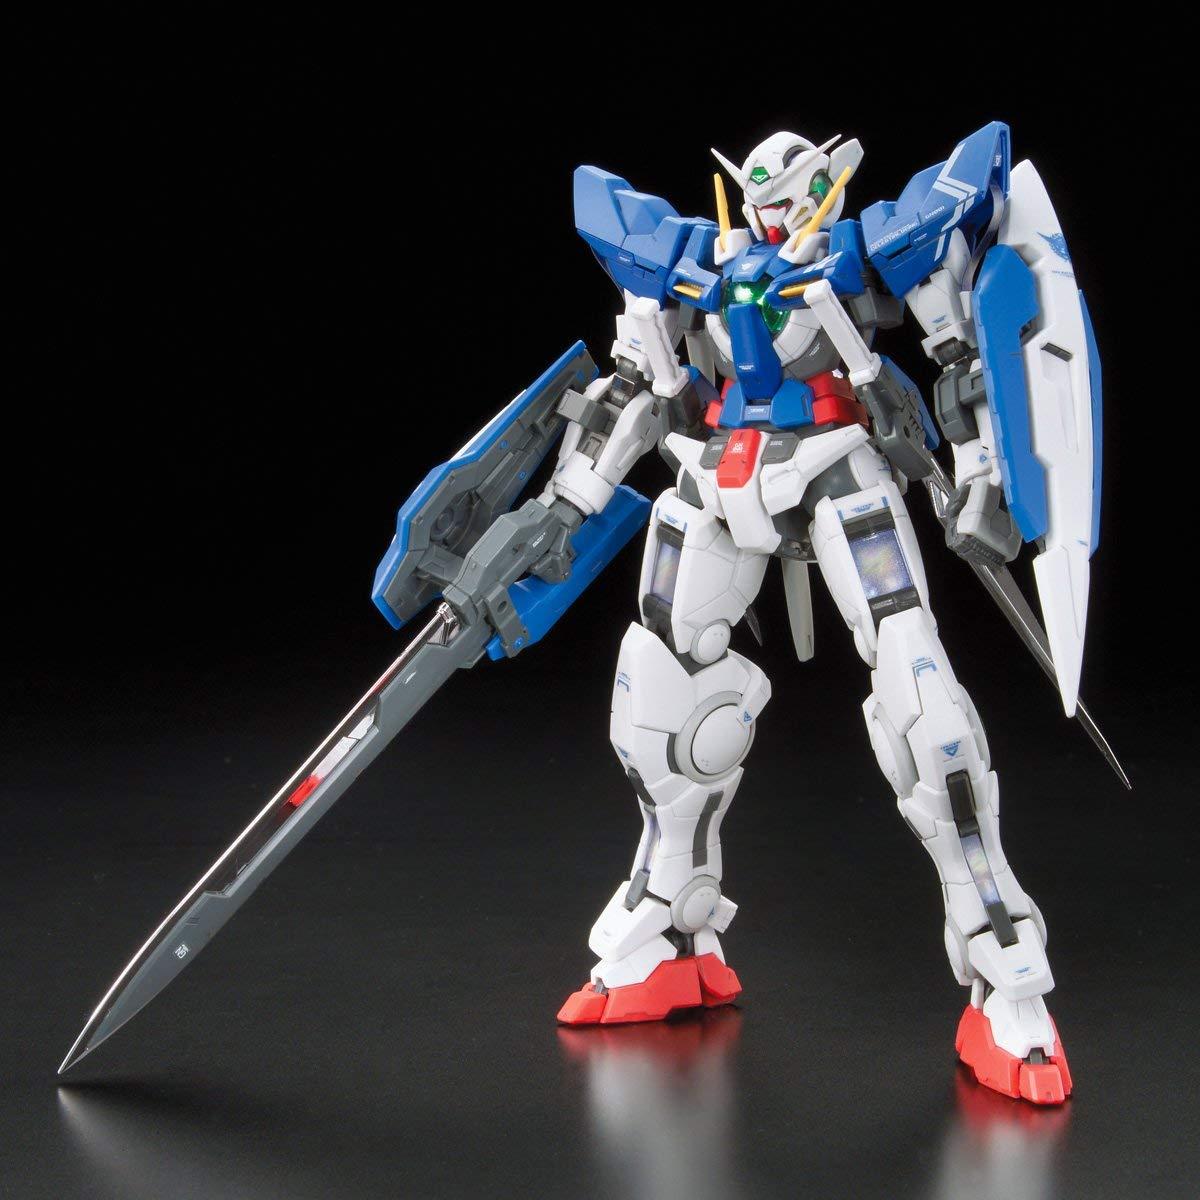 GN-001 ガンダムエクシア [Gundam Exia]